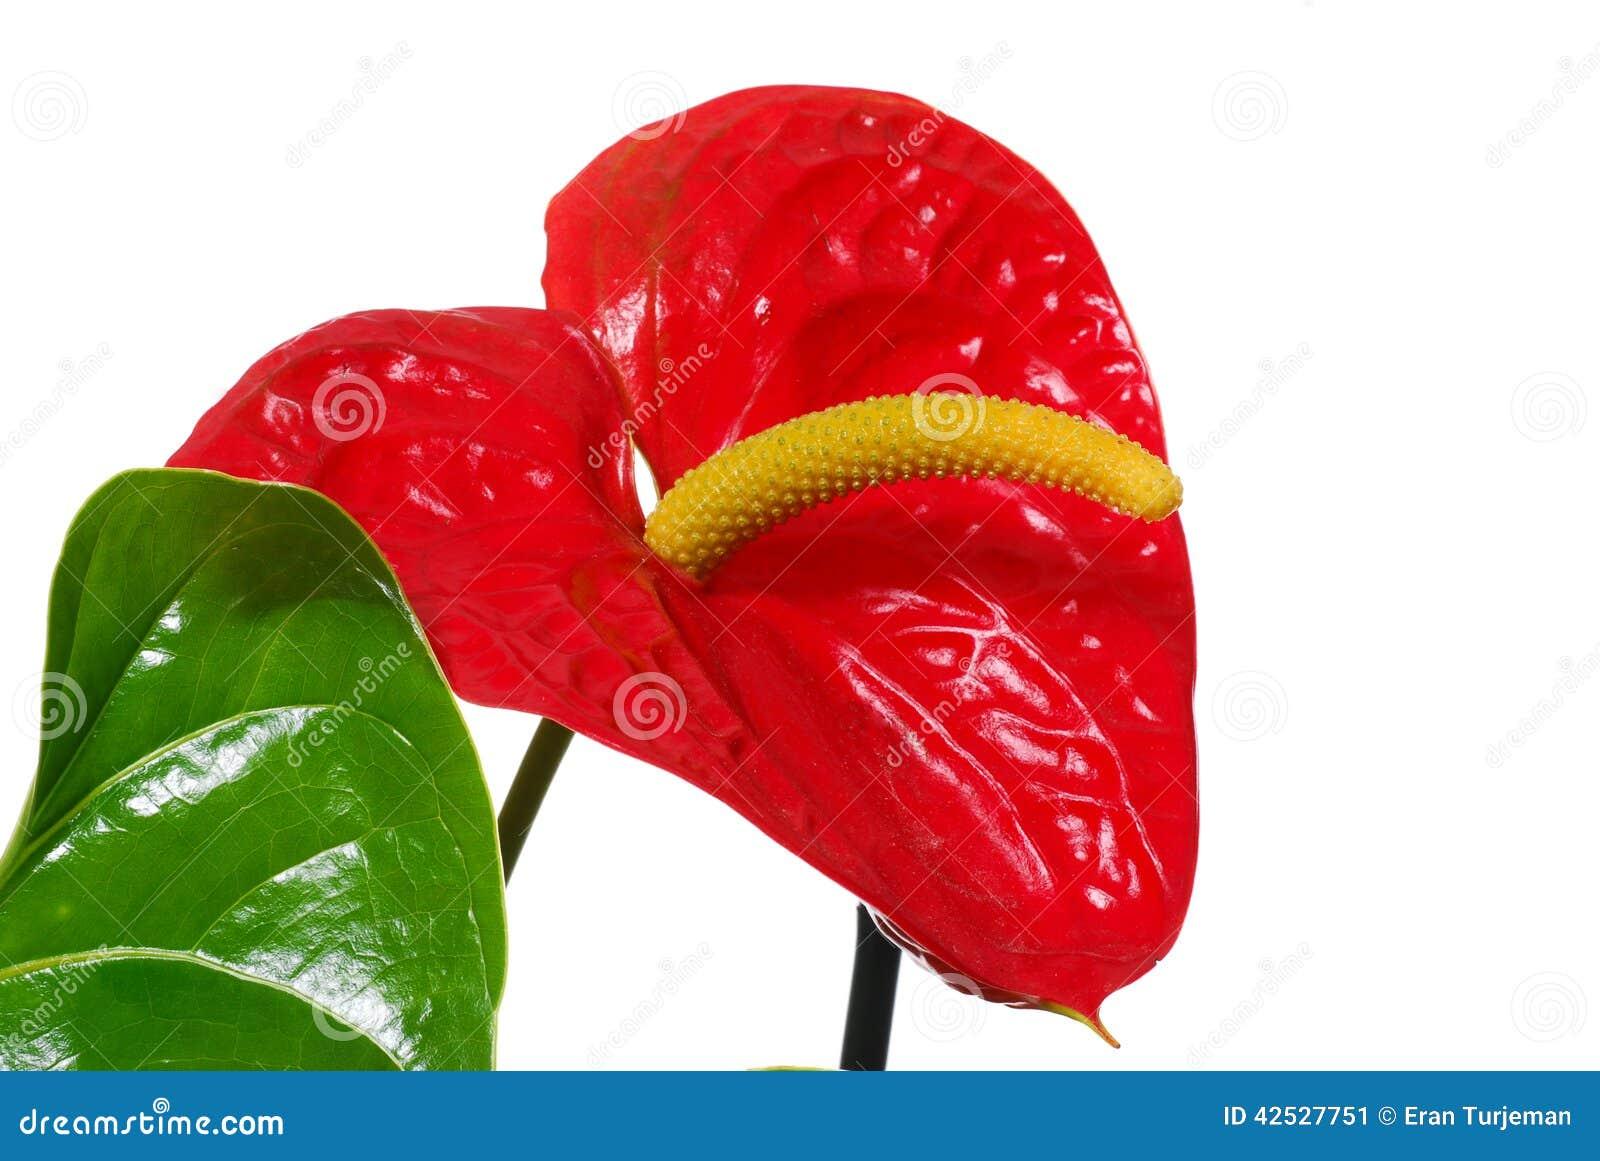 Belles Fleurs Rouges Chaudes Brillantes Avec La Feuille Verte Image